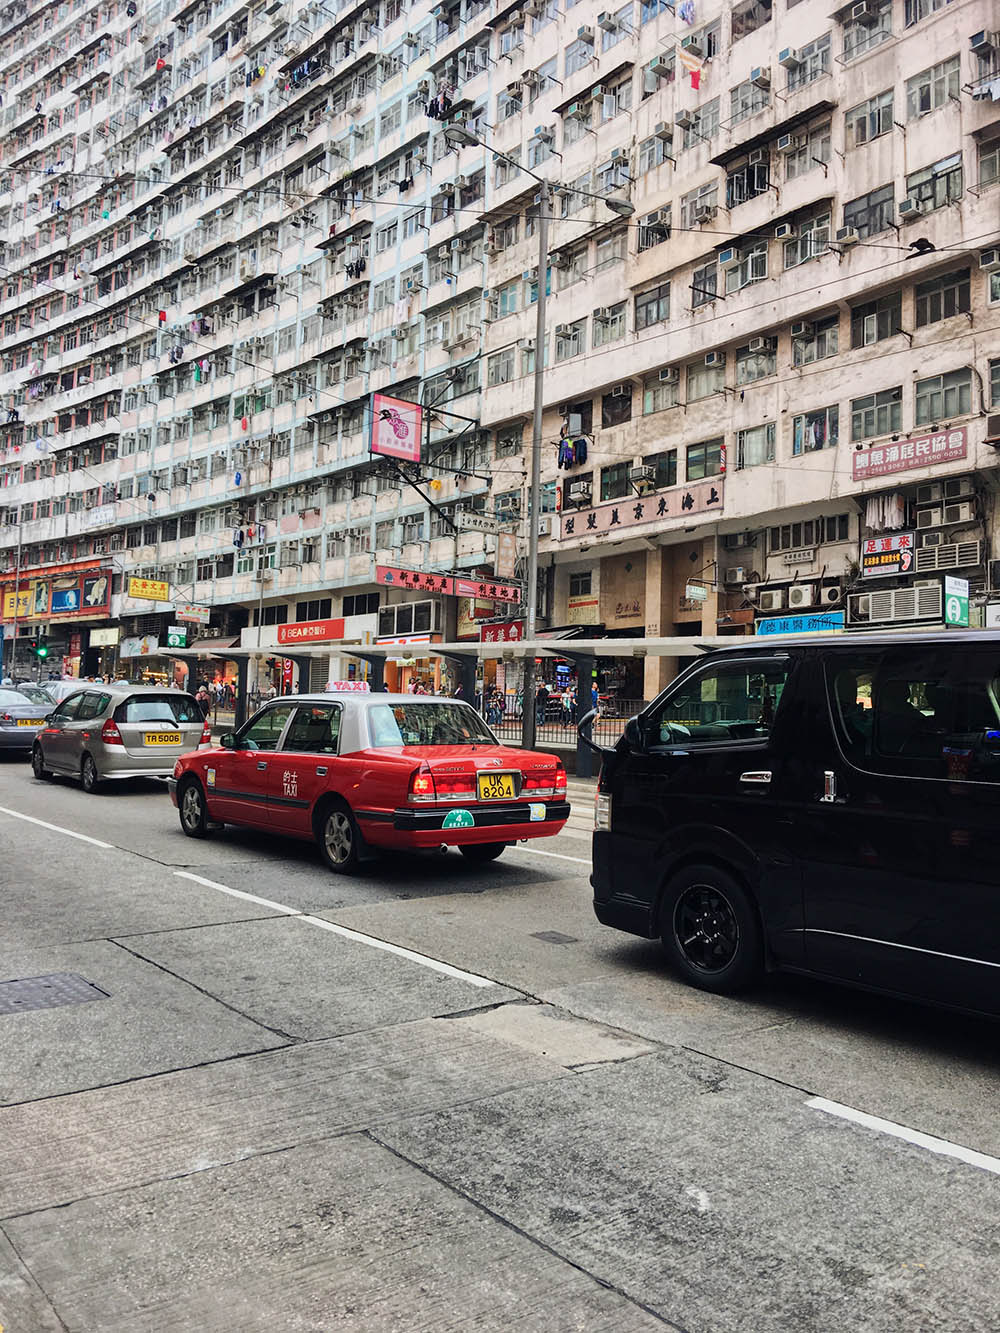 Типичный Гонконг: высокие здания и красные такси. Еще тут много зелени и несколько уровней пешеходных дорог